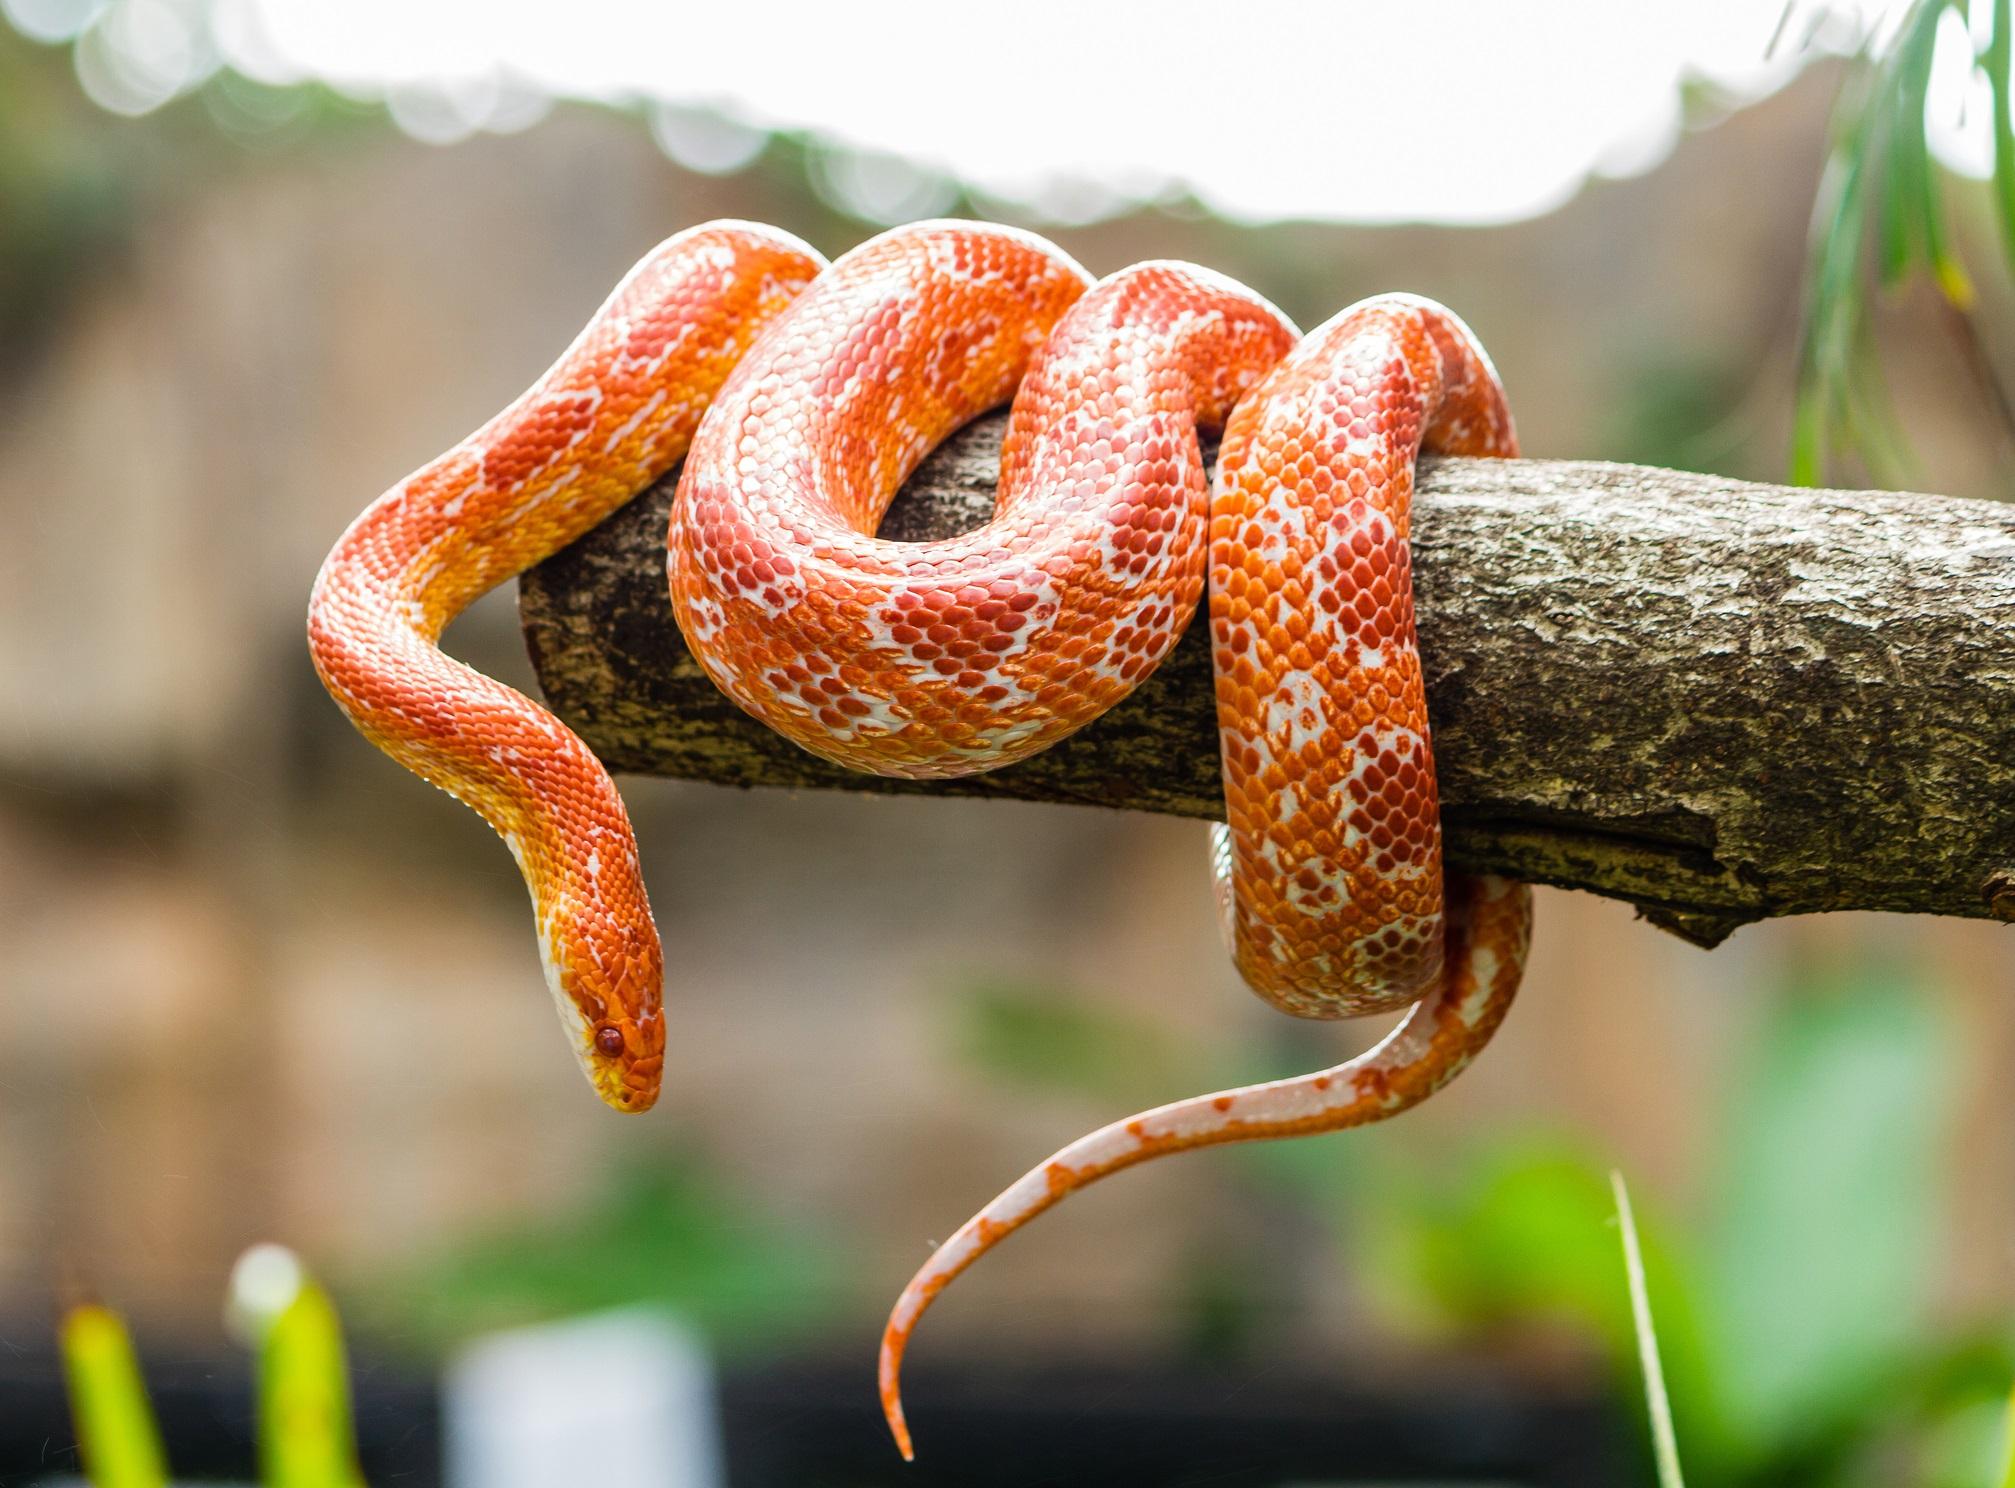 <p>Остров Ilha da Queimada Grande, или островът на змиите, се намира край бреговете на Бразилия в Атлантическия океан. Това е единственият дом на застрашения от изчезване отровен златен щипцар. Островът е затворен за посещения, за а се защити популацията на този вид змия, както и да се защитят посетителите, тъй като според някои оценки на острова има по една змия на всеки квадратен метър.</p>